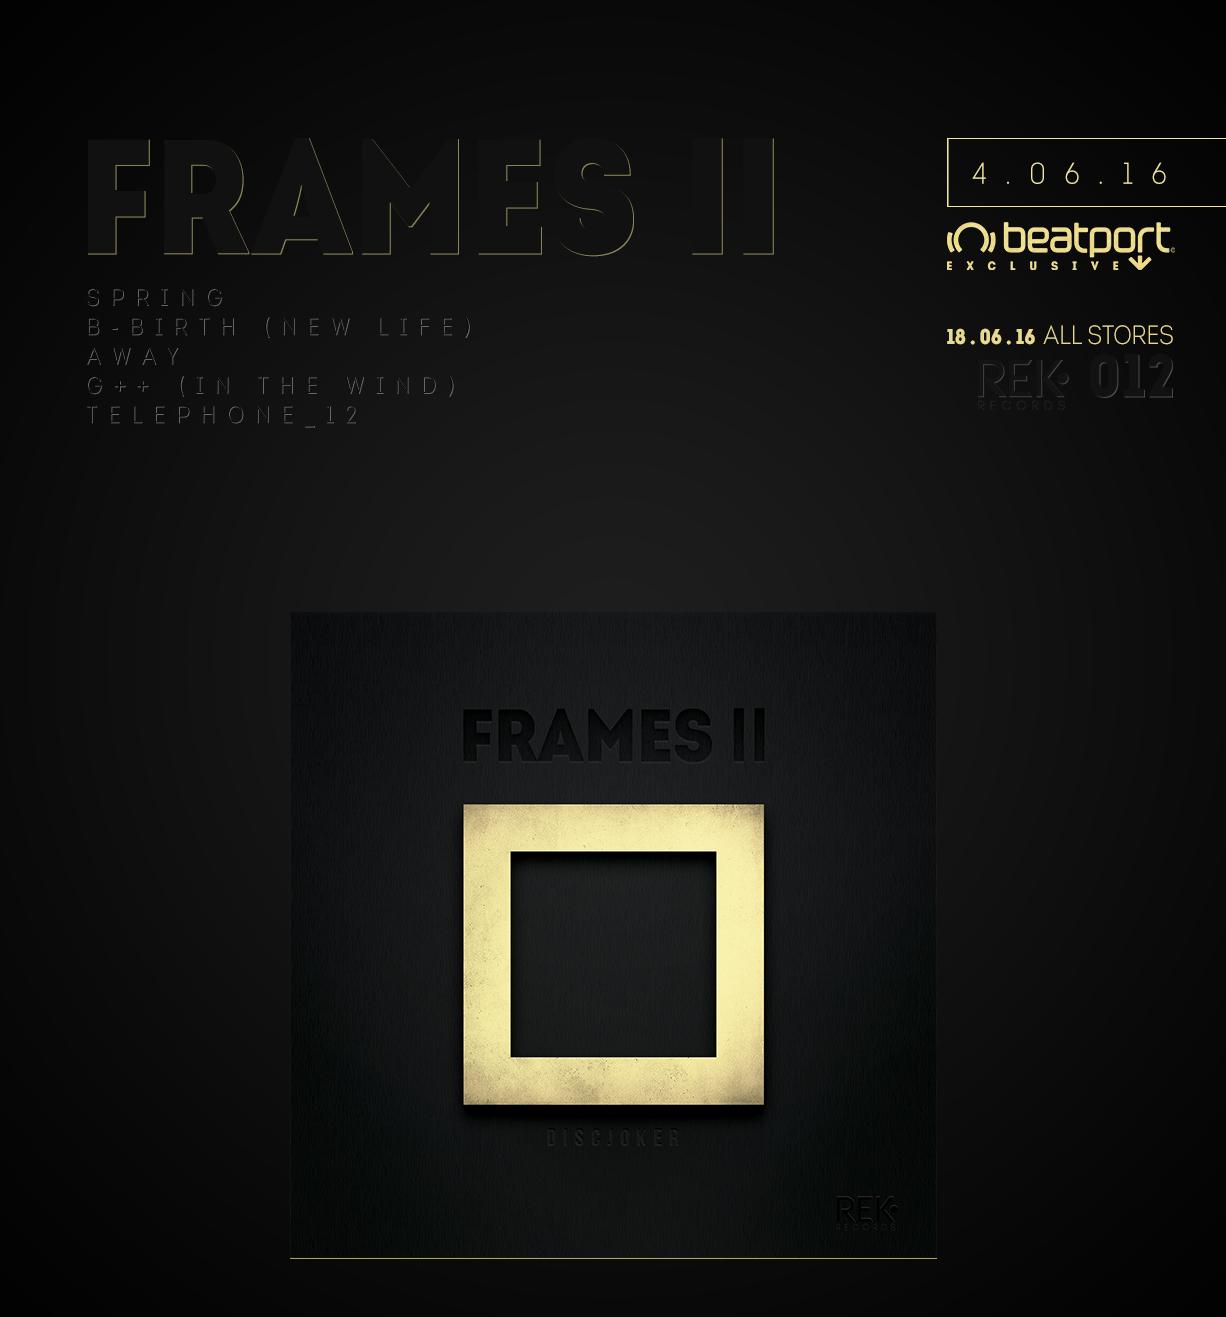 DiscJoker - Frames 2